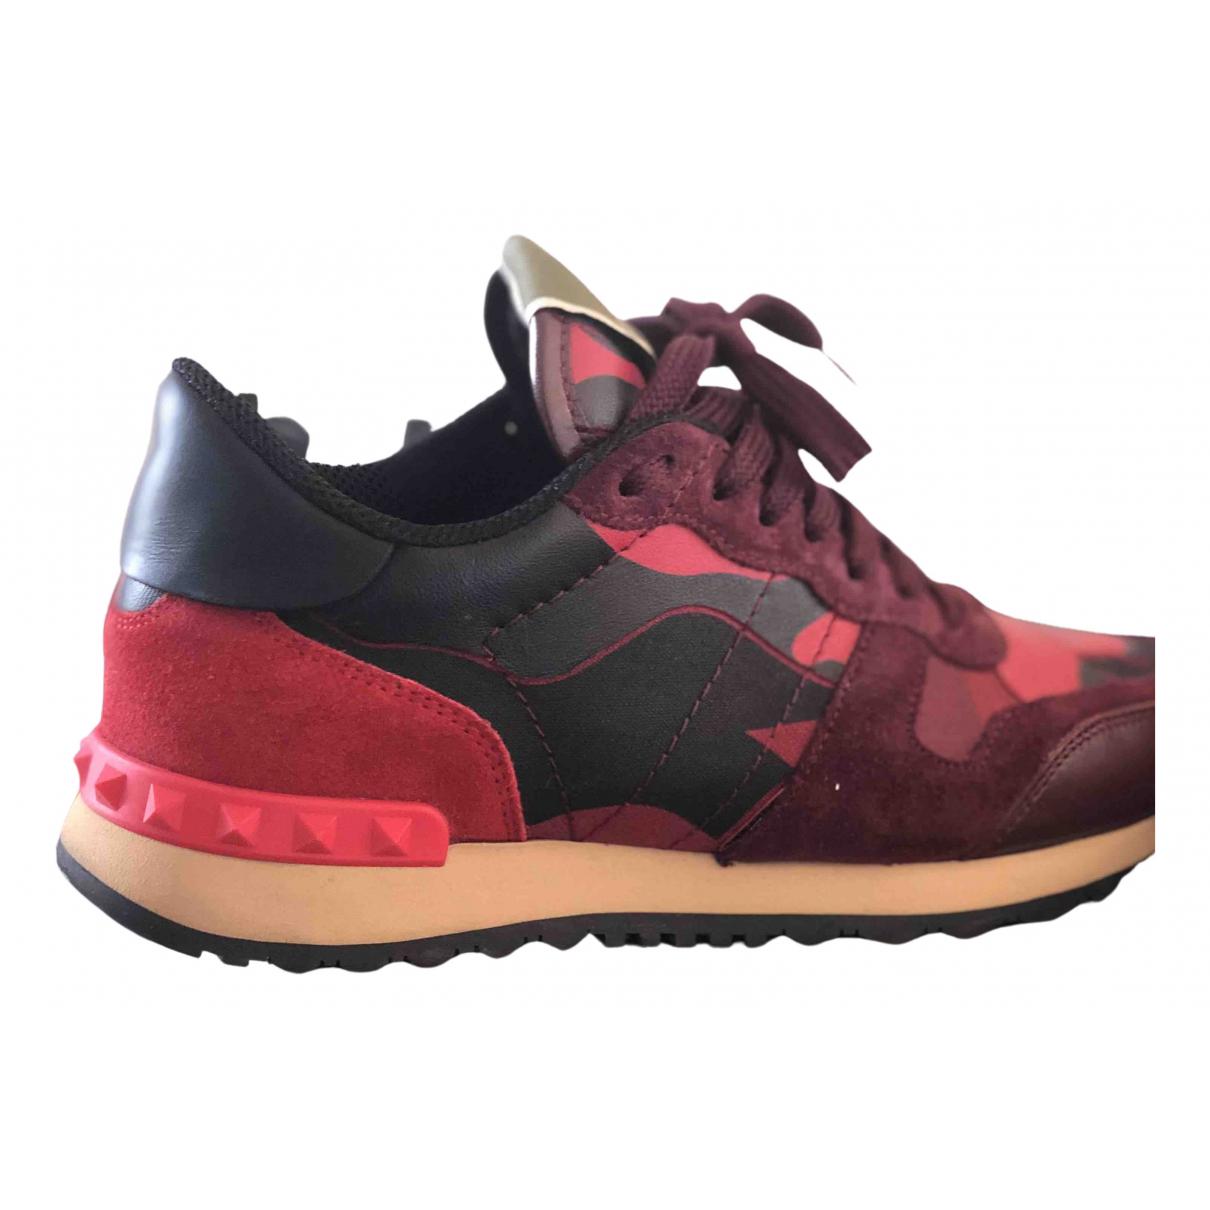 Valentino Garavani Rockstud Multicolour Leather Trainers for Women 37 EU